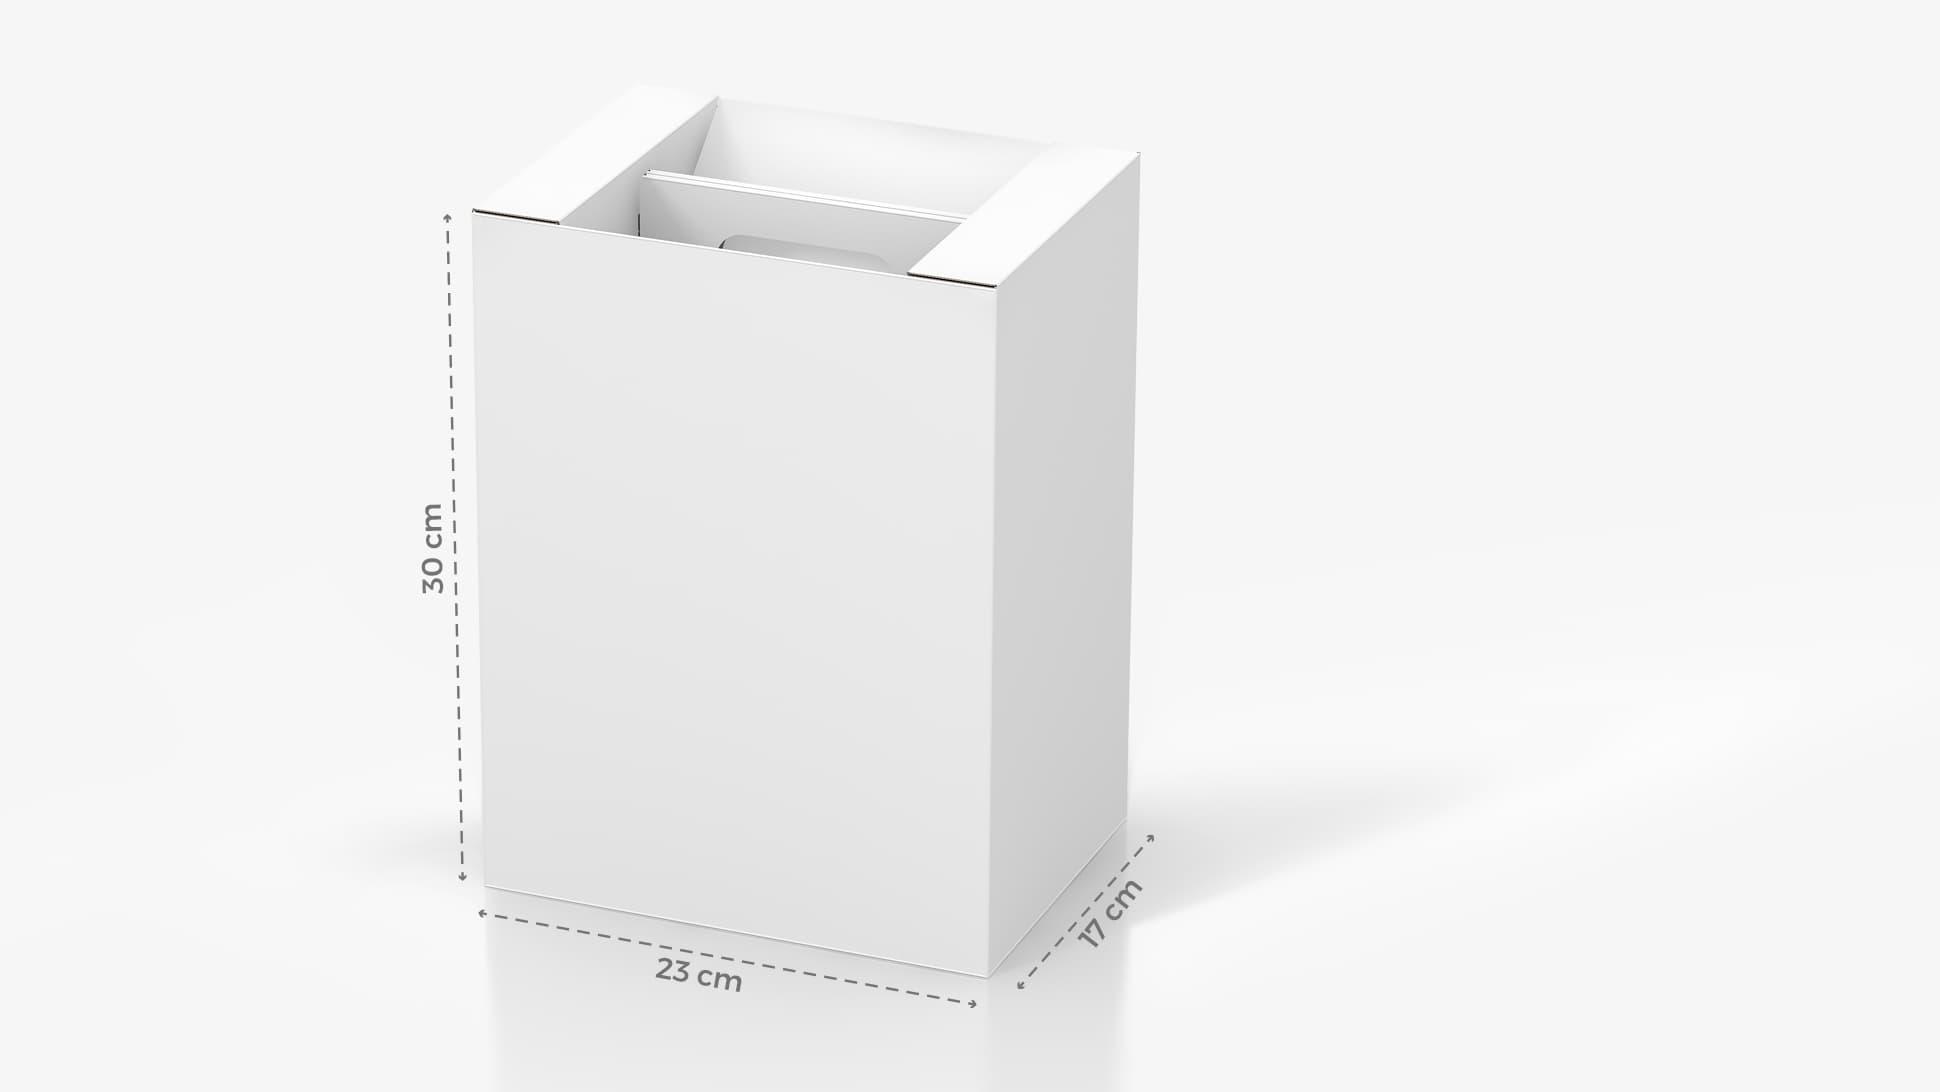 Portabottiglie in cartone 23x30 cm personalizzabile | tictac.it